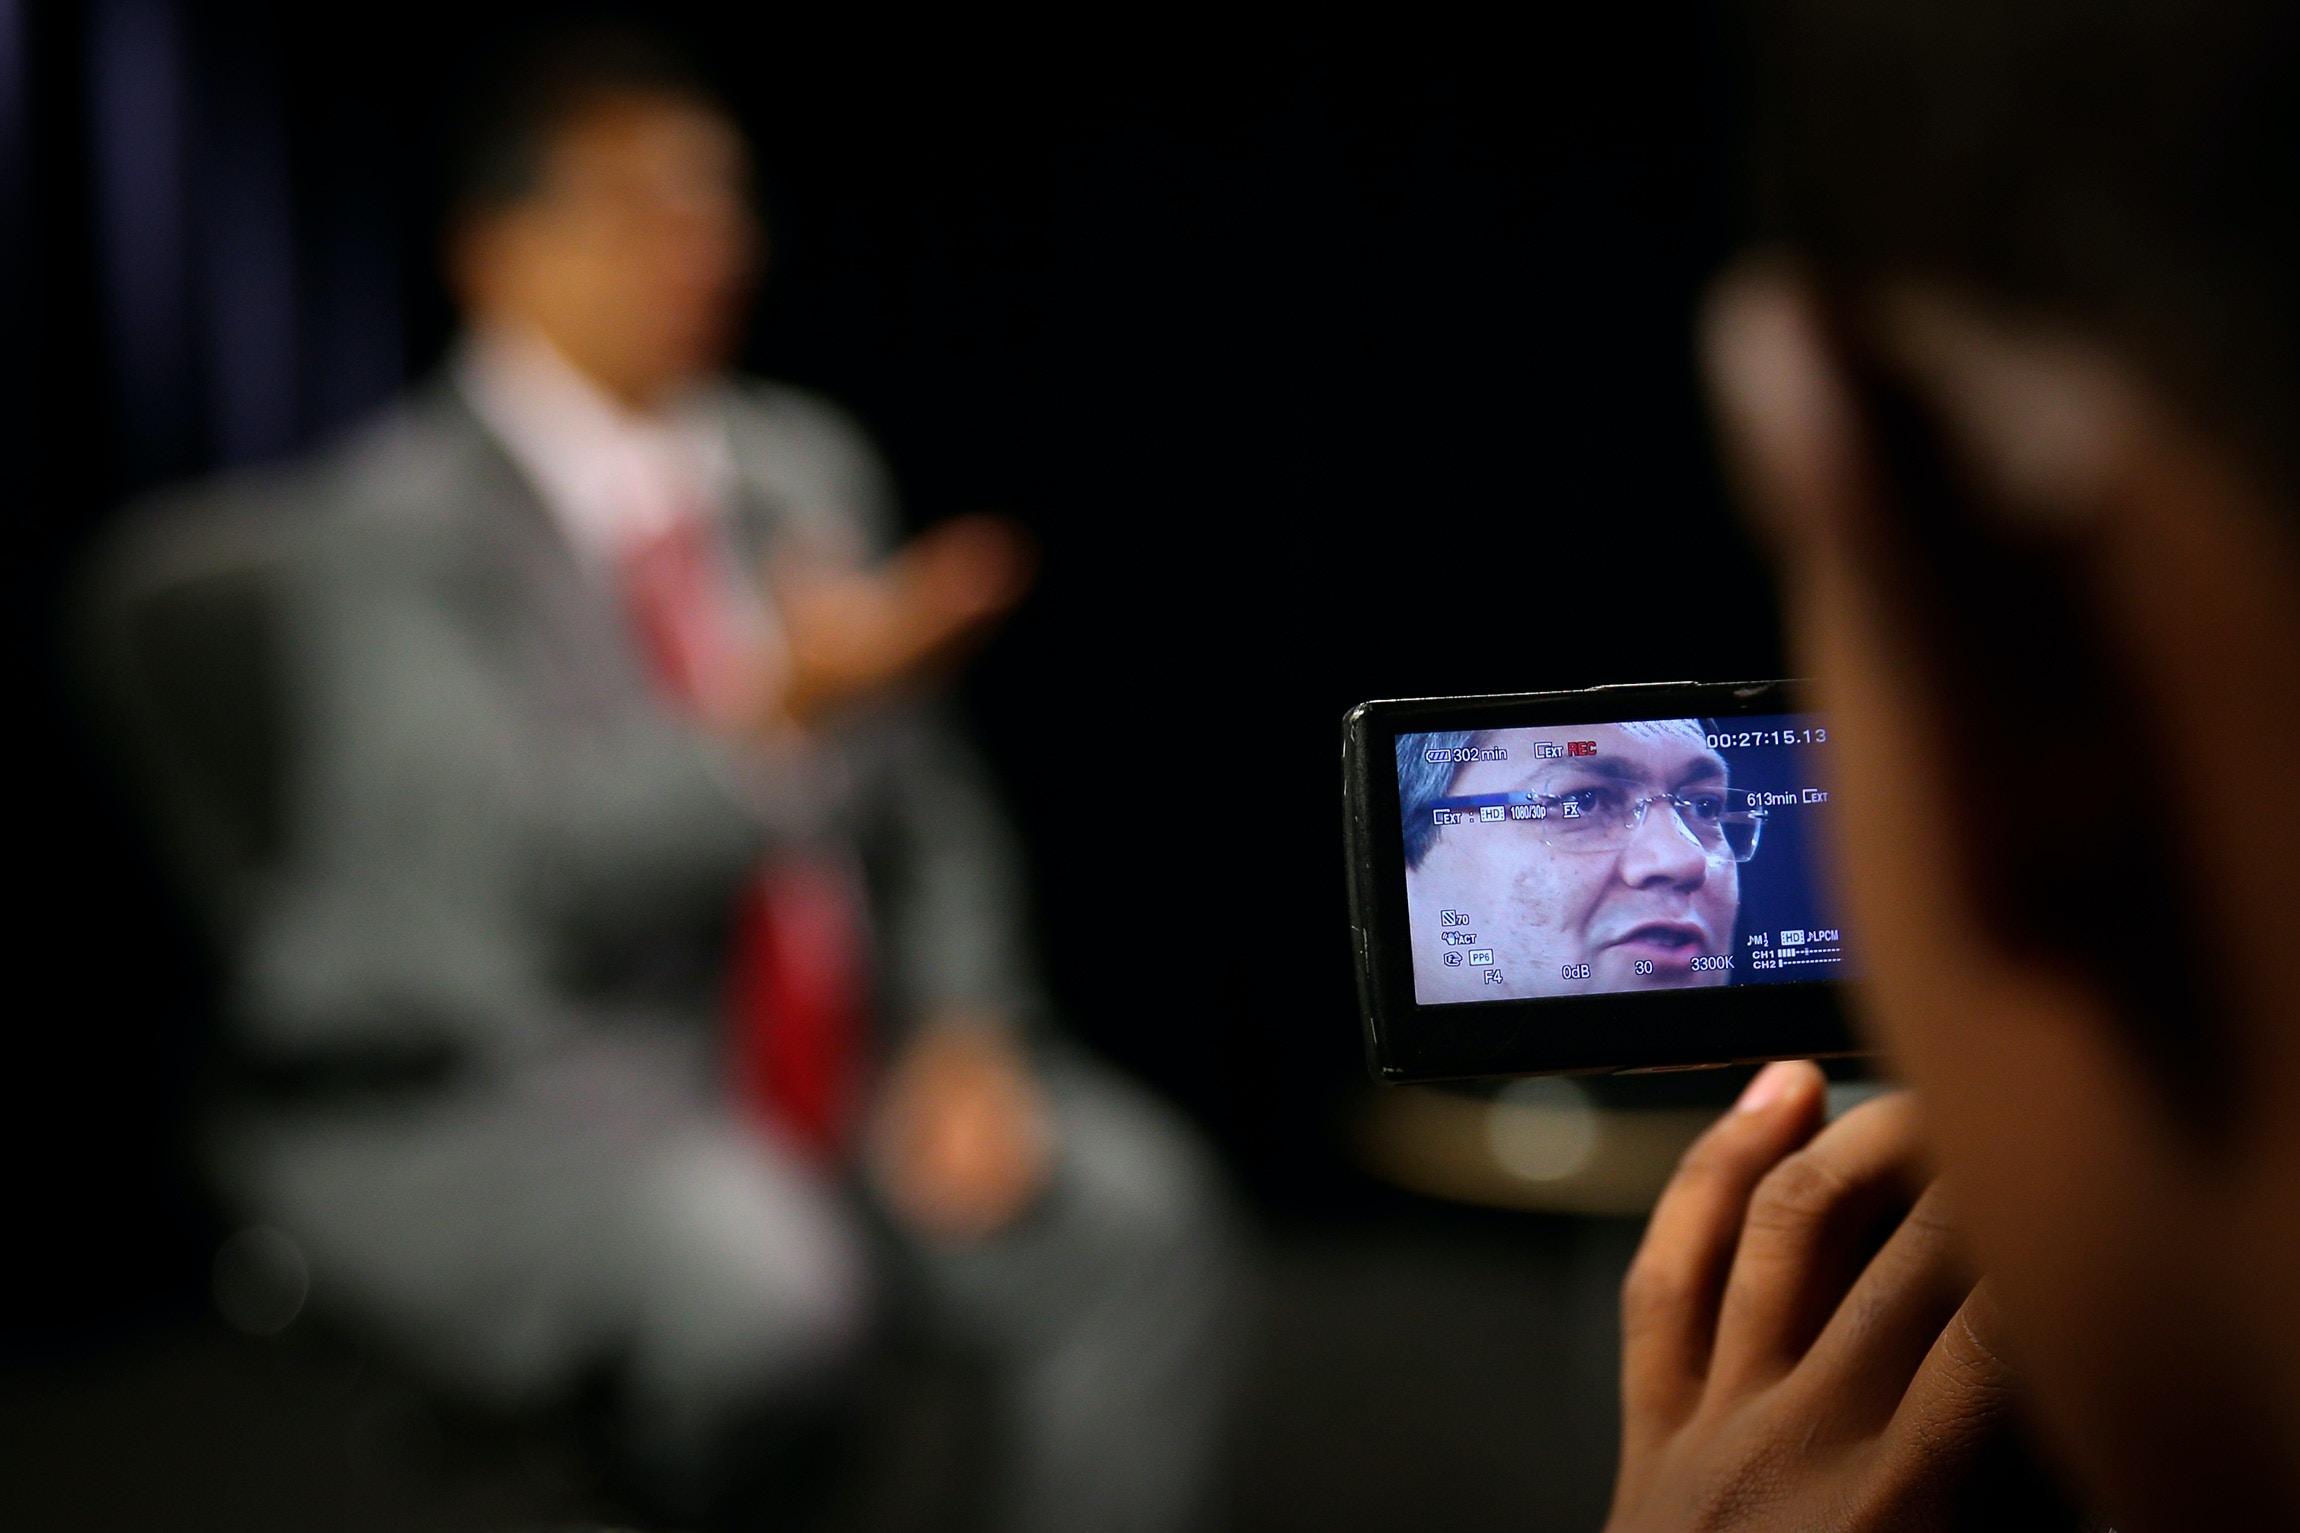 """""""o presidente Bolsonaro precisaria se inspirar em bons exemplos, inclusive da direita, e procurar desarmar um pouco o governo dele, e os que o cercam, dessa visão belicista, para poder impulsionar o país para frente."""""""